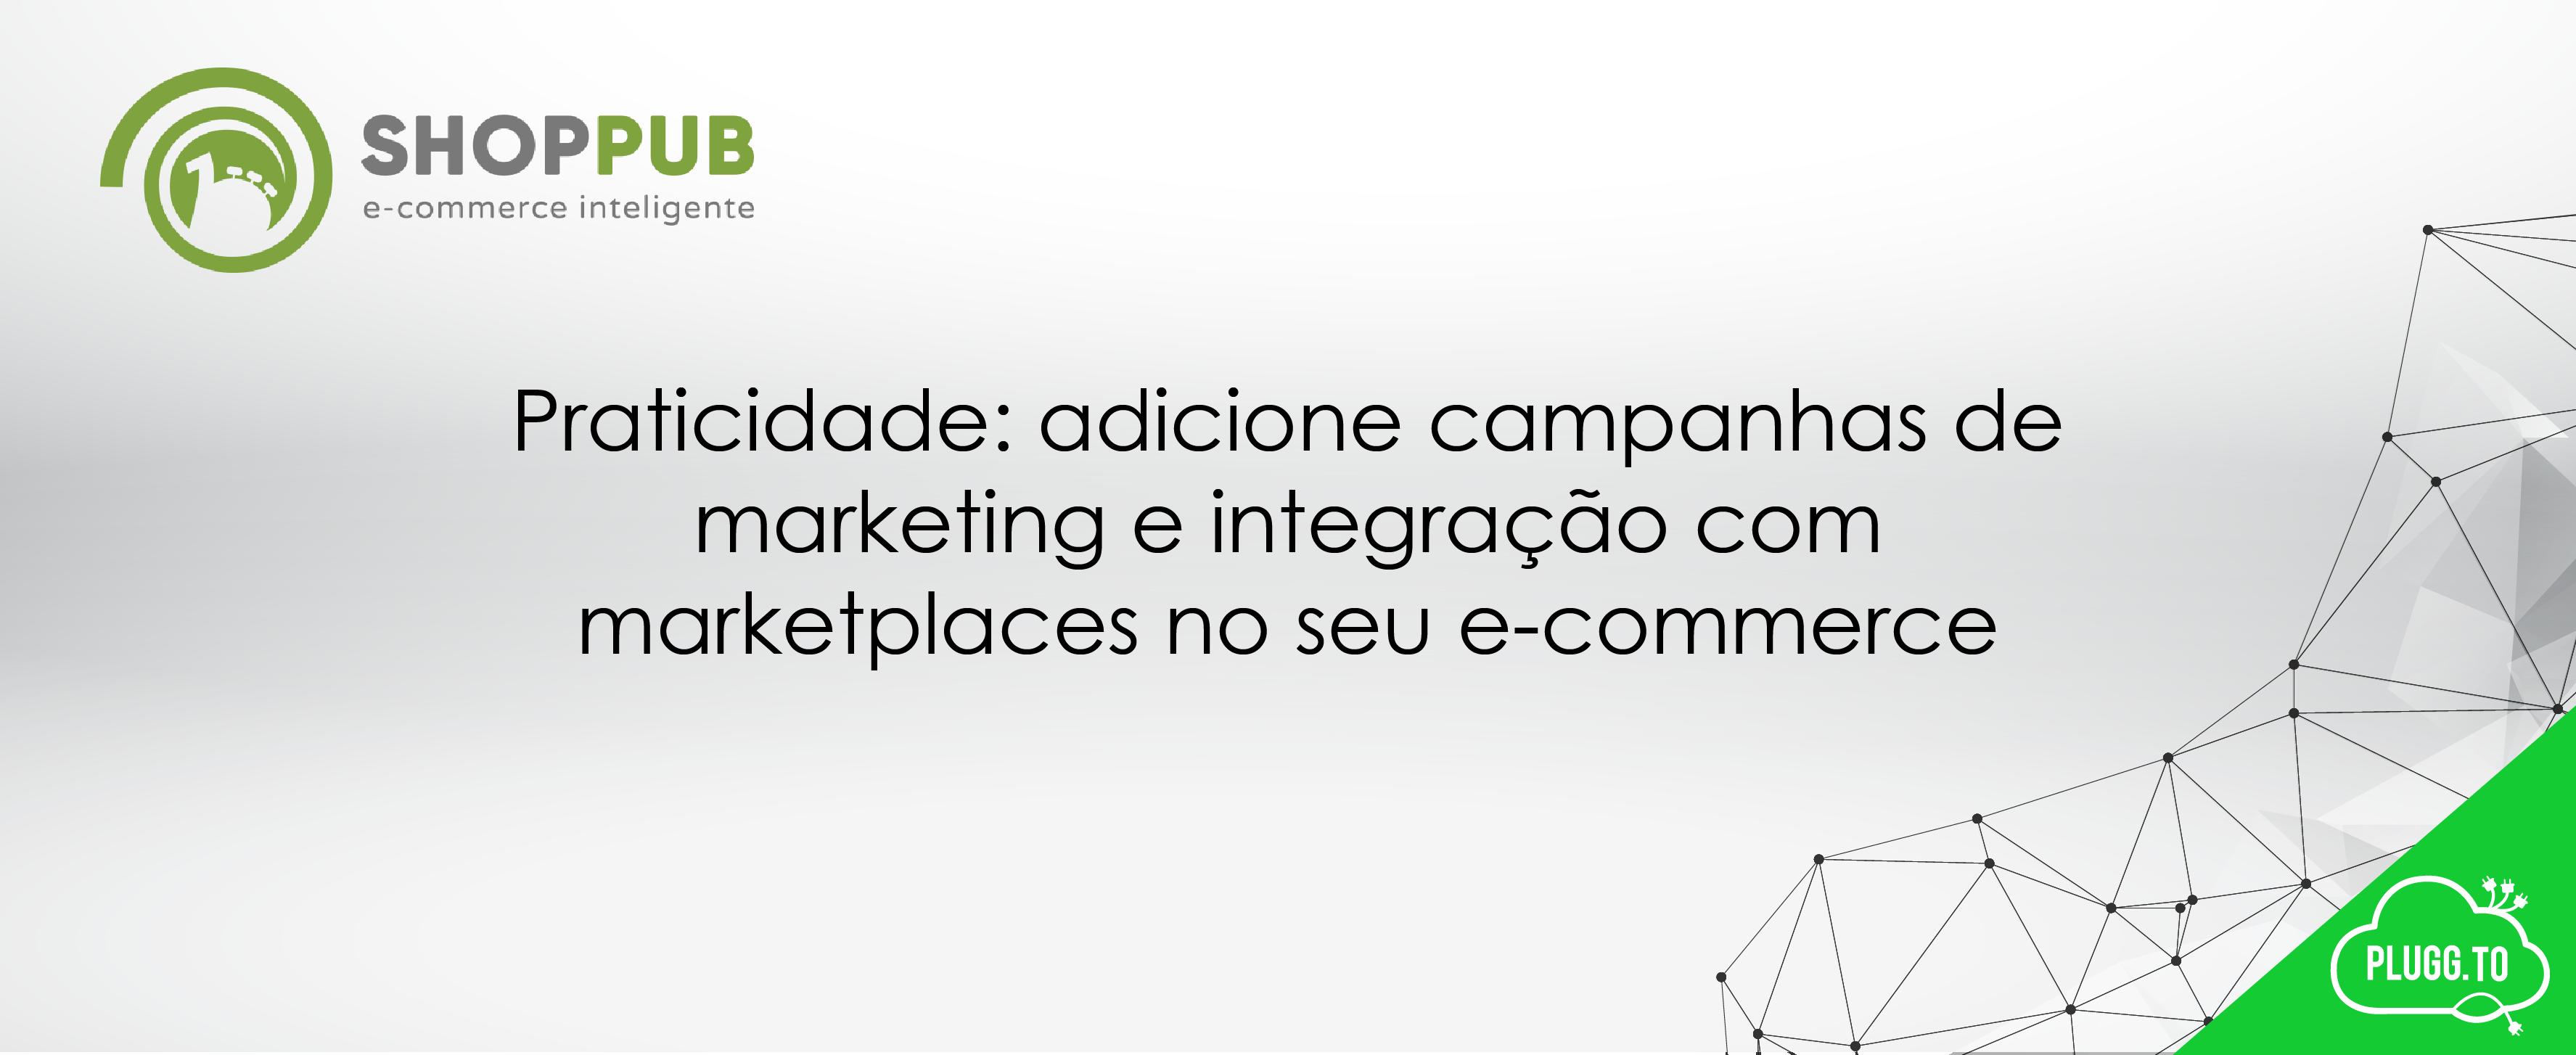 Praticidade: adicione campanhas de marketing e integração com marketplaces no seu e-commerce